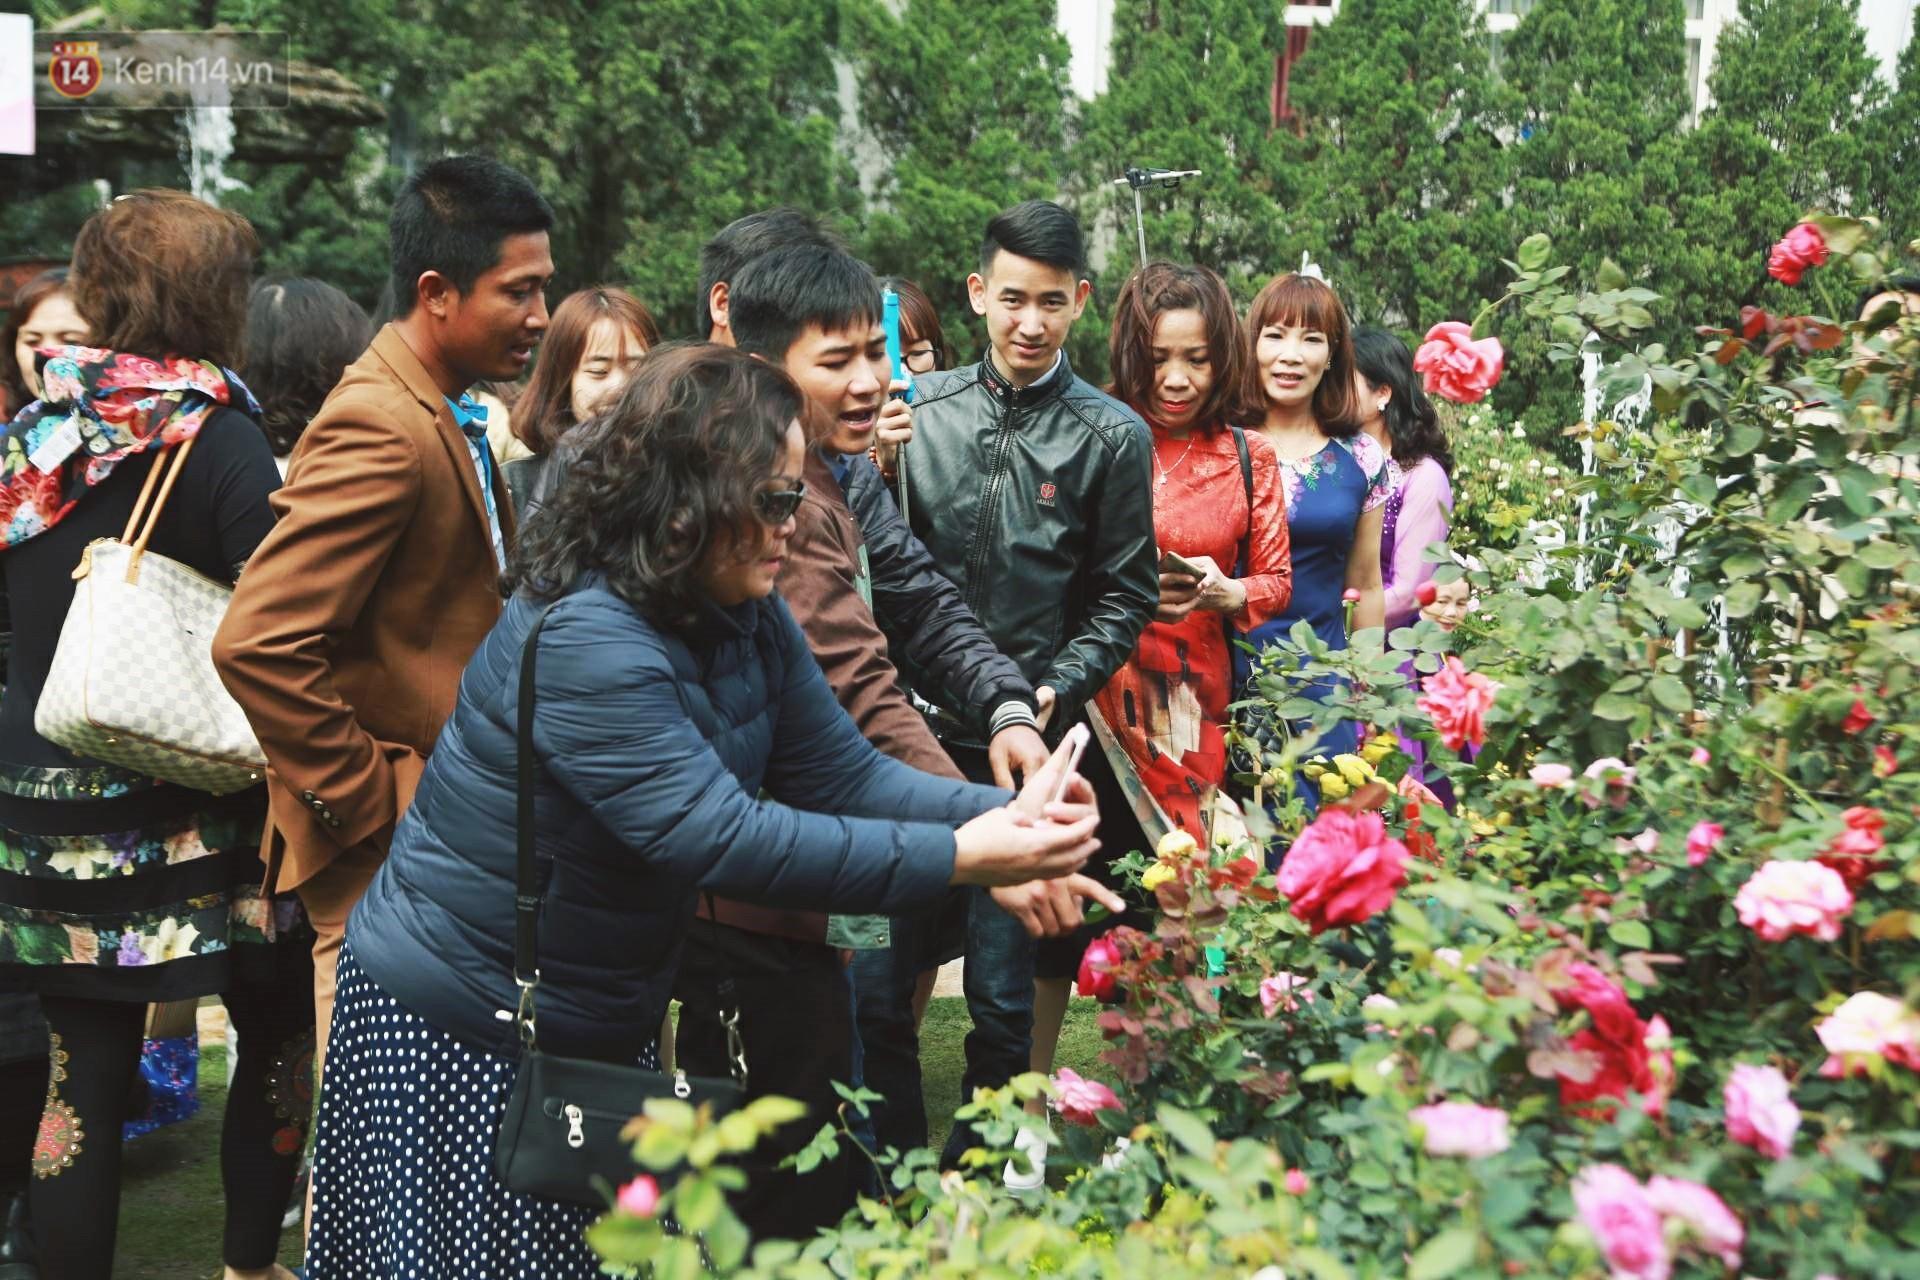 Lễ hội hoa hồng Bulgaria khoe sắc với gần 2.000 giống hoa đúng dịp Quốc tế phụ nữ 8/3 - Ảnh 11.